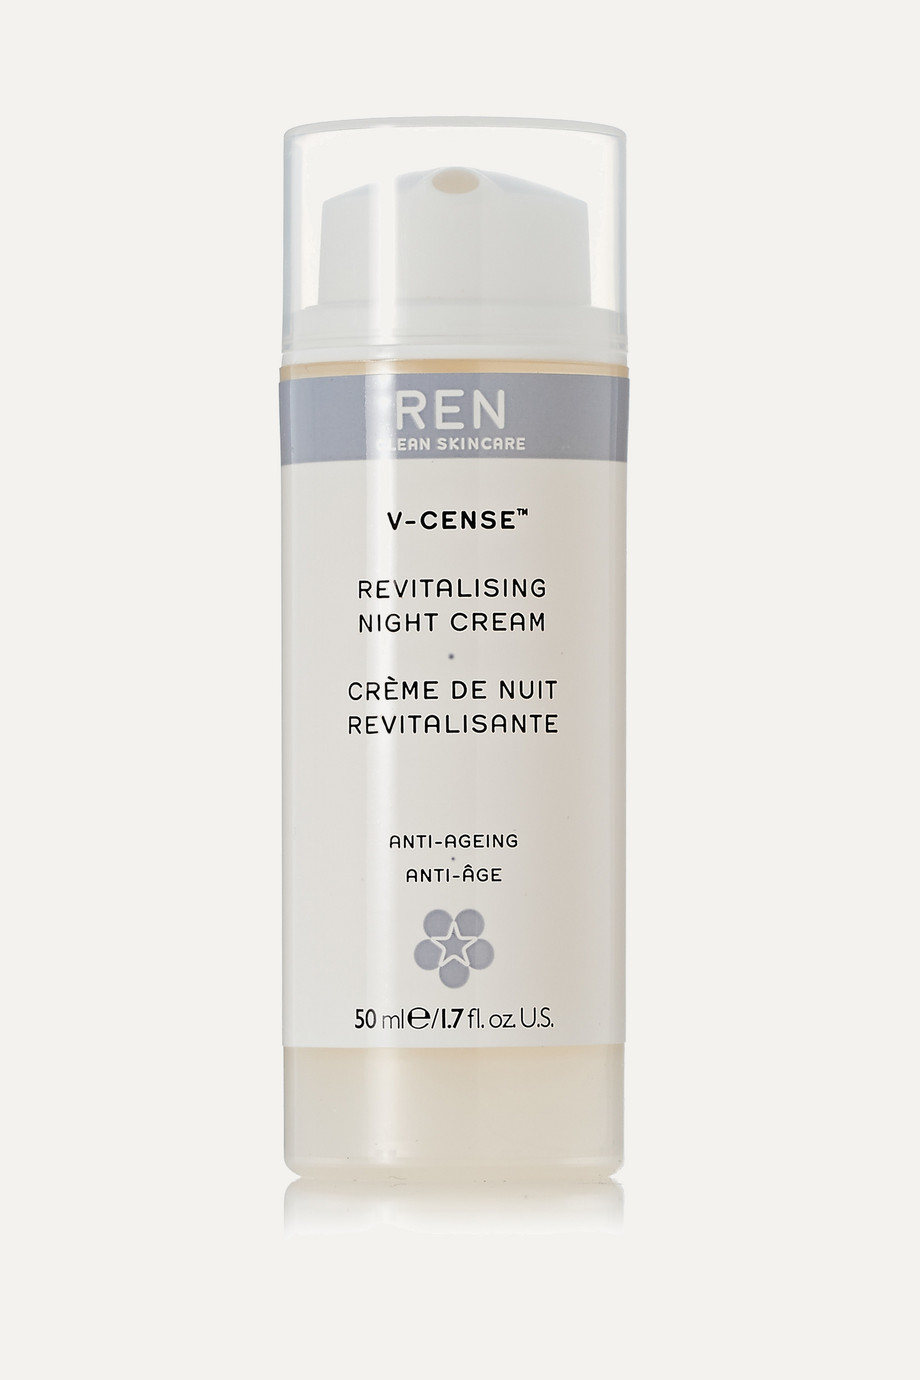 V-Cense Revitalising Night Cream, 50ml, by Ren Skincare